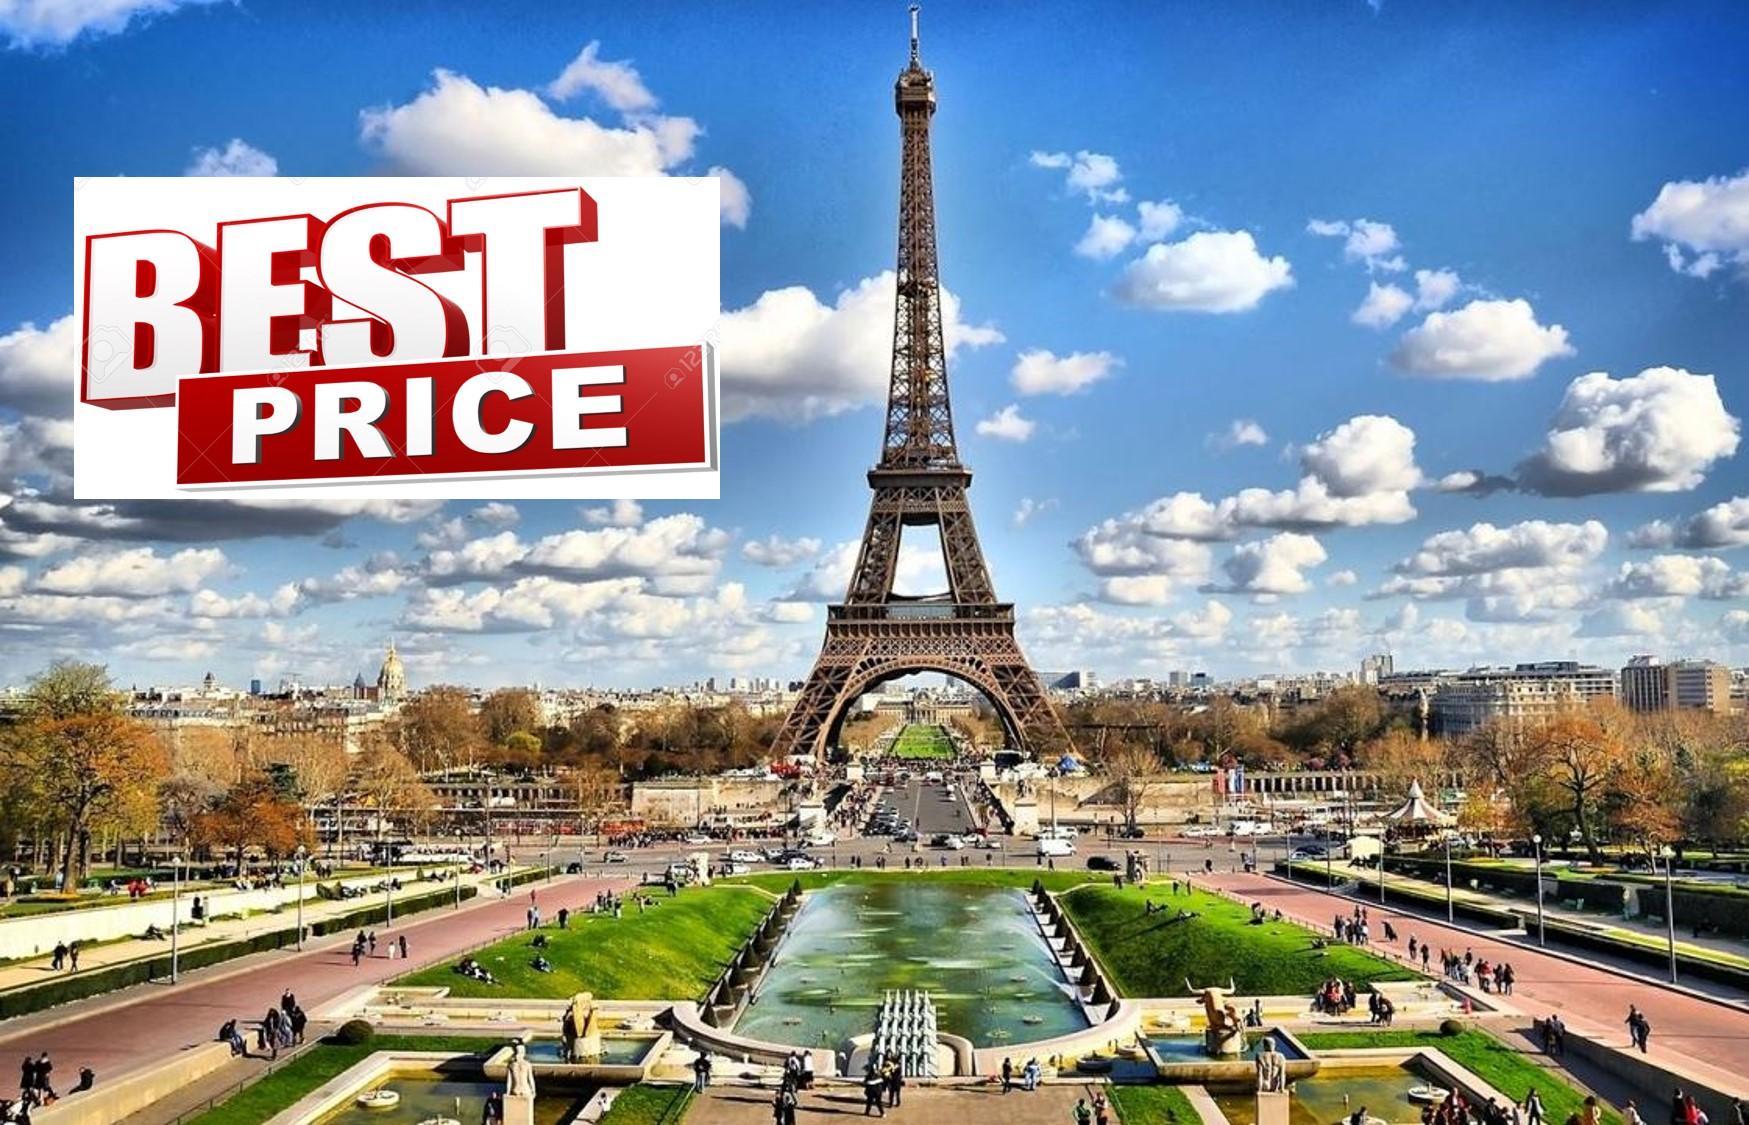 ΠΑΡΙΣΙ στην καλύτερη τιμή της αγοράς! Από 350€ για 4 μέρες με Αεροπορικά, Κεντρικό Ξενοδοχείο & Φόρους πληρωμένους